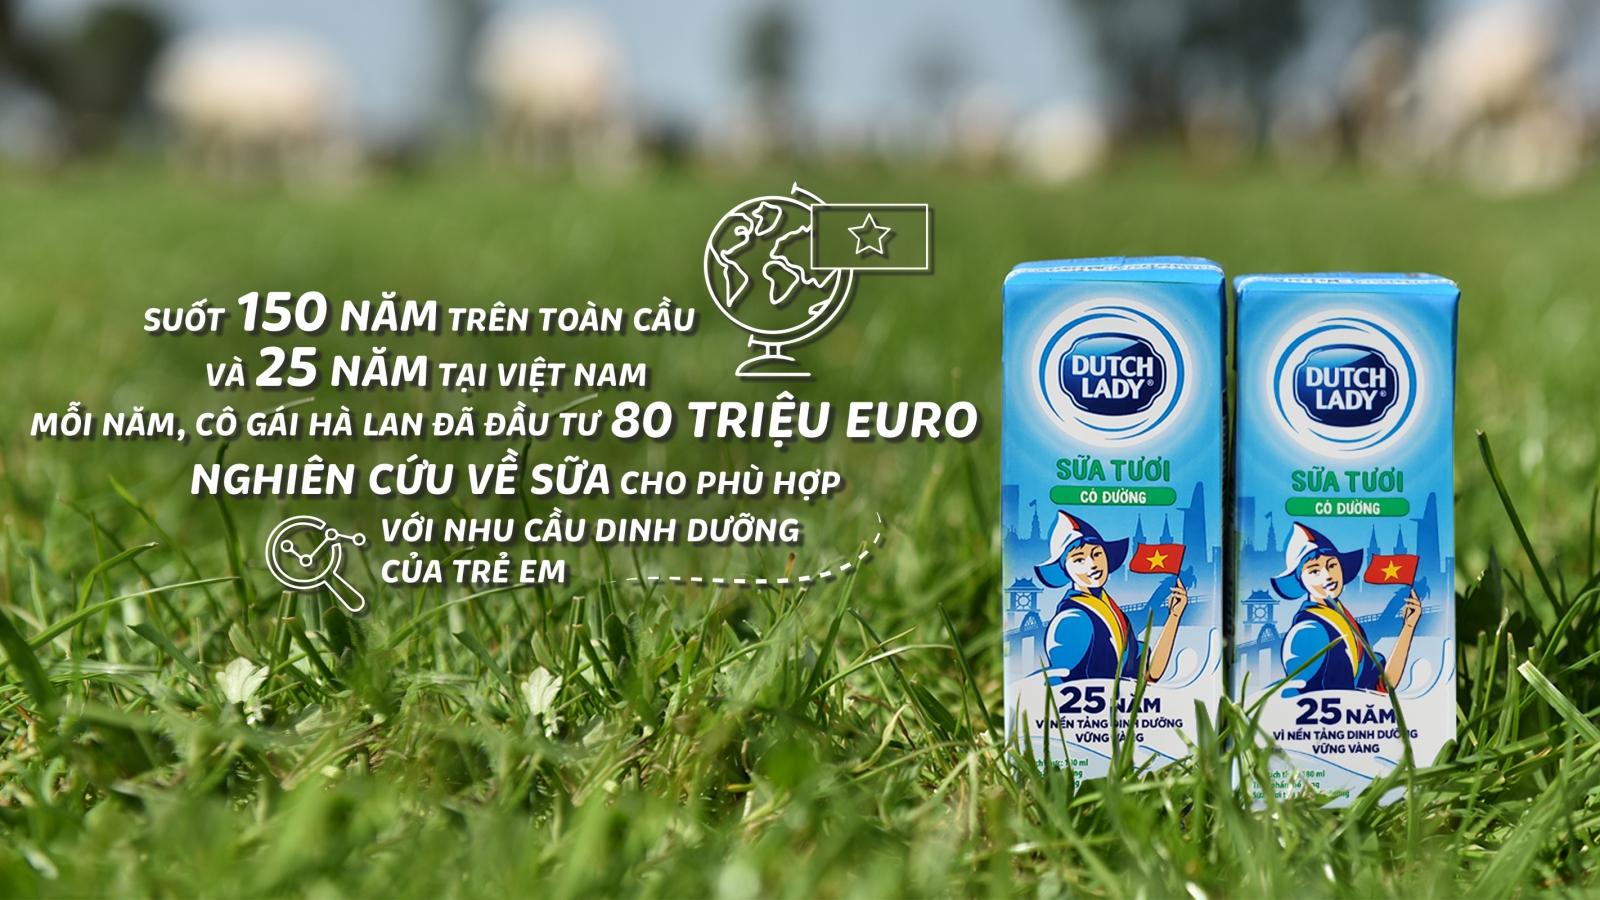 Top 3 bảng xếp hạng tiếp cận dinh dưỡng toàn cầu lầu đầu tiên ghi nhận một tập đoàn sữa